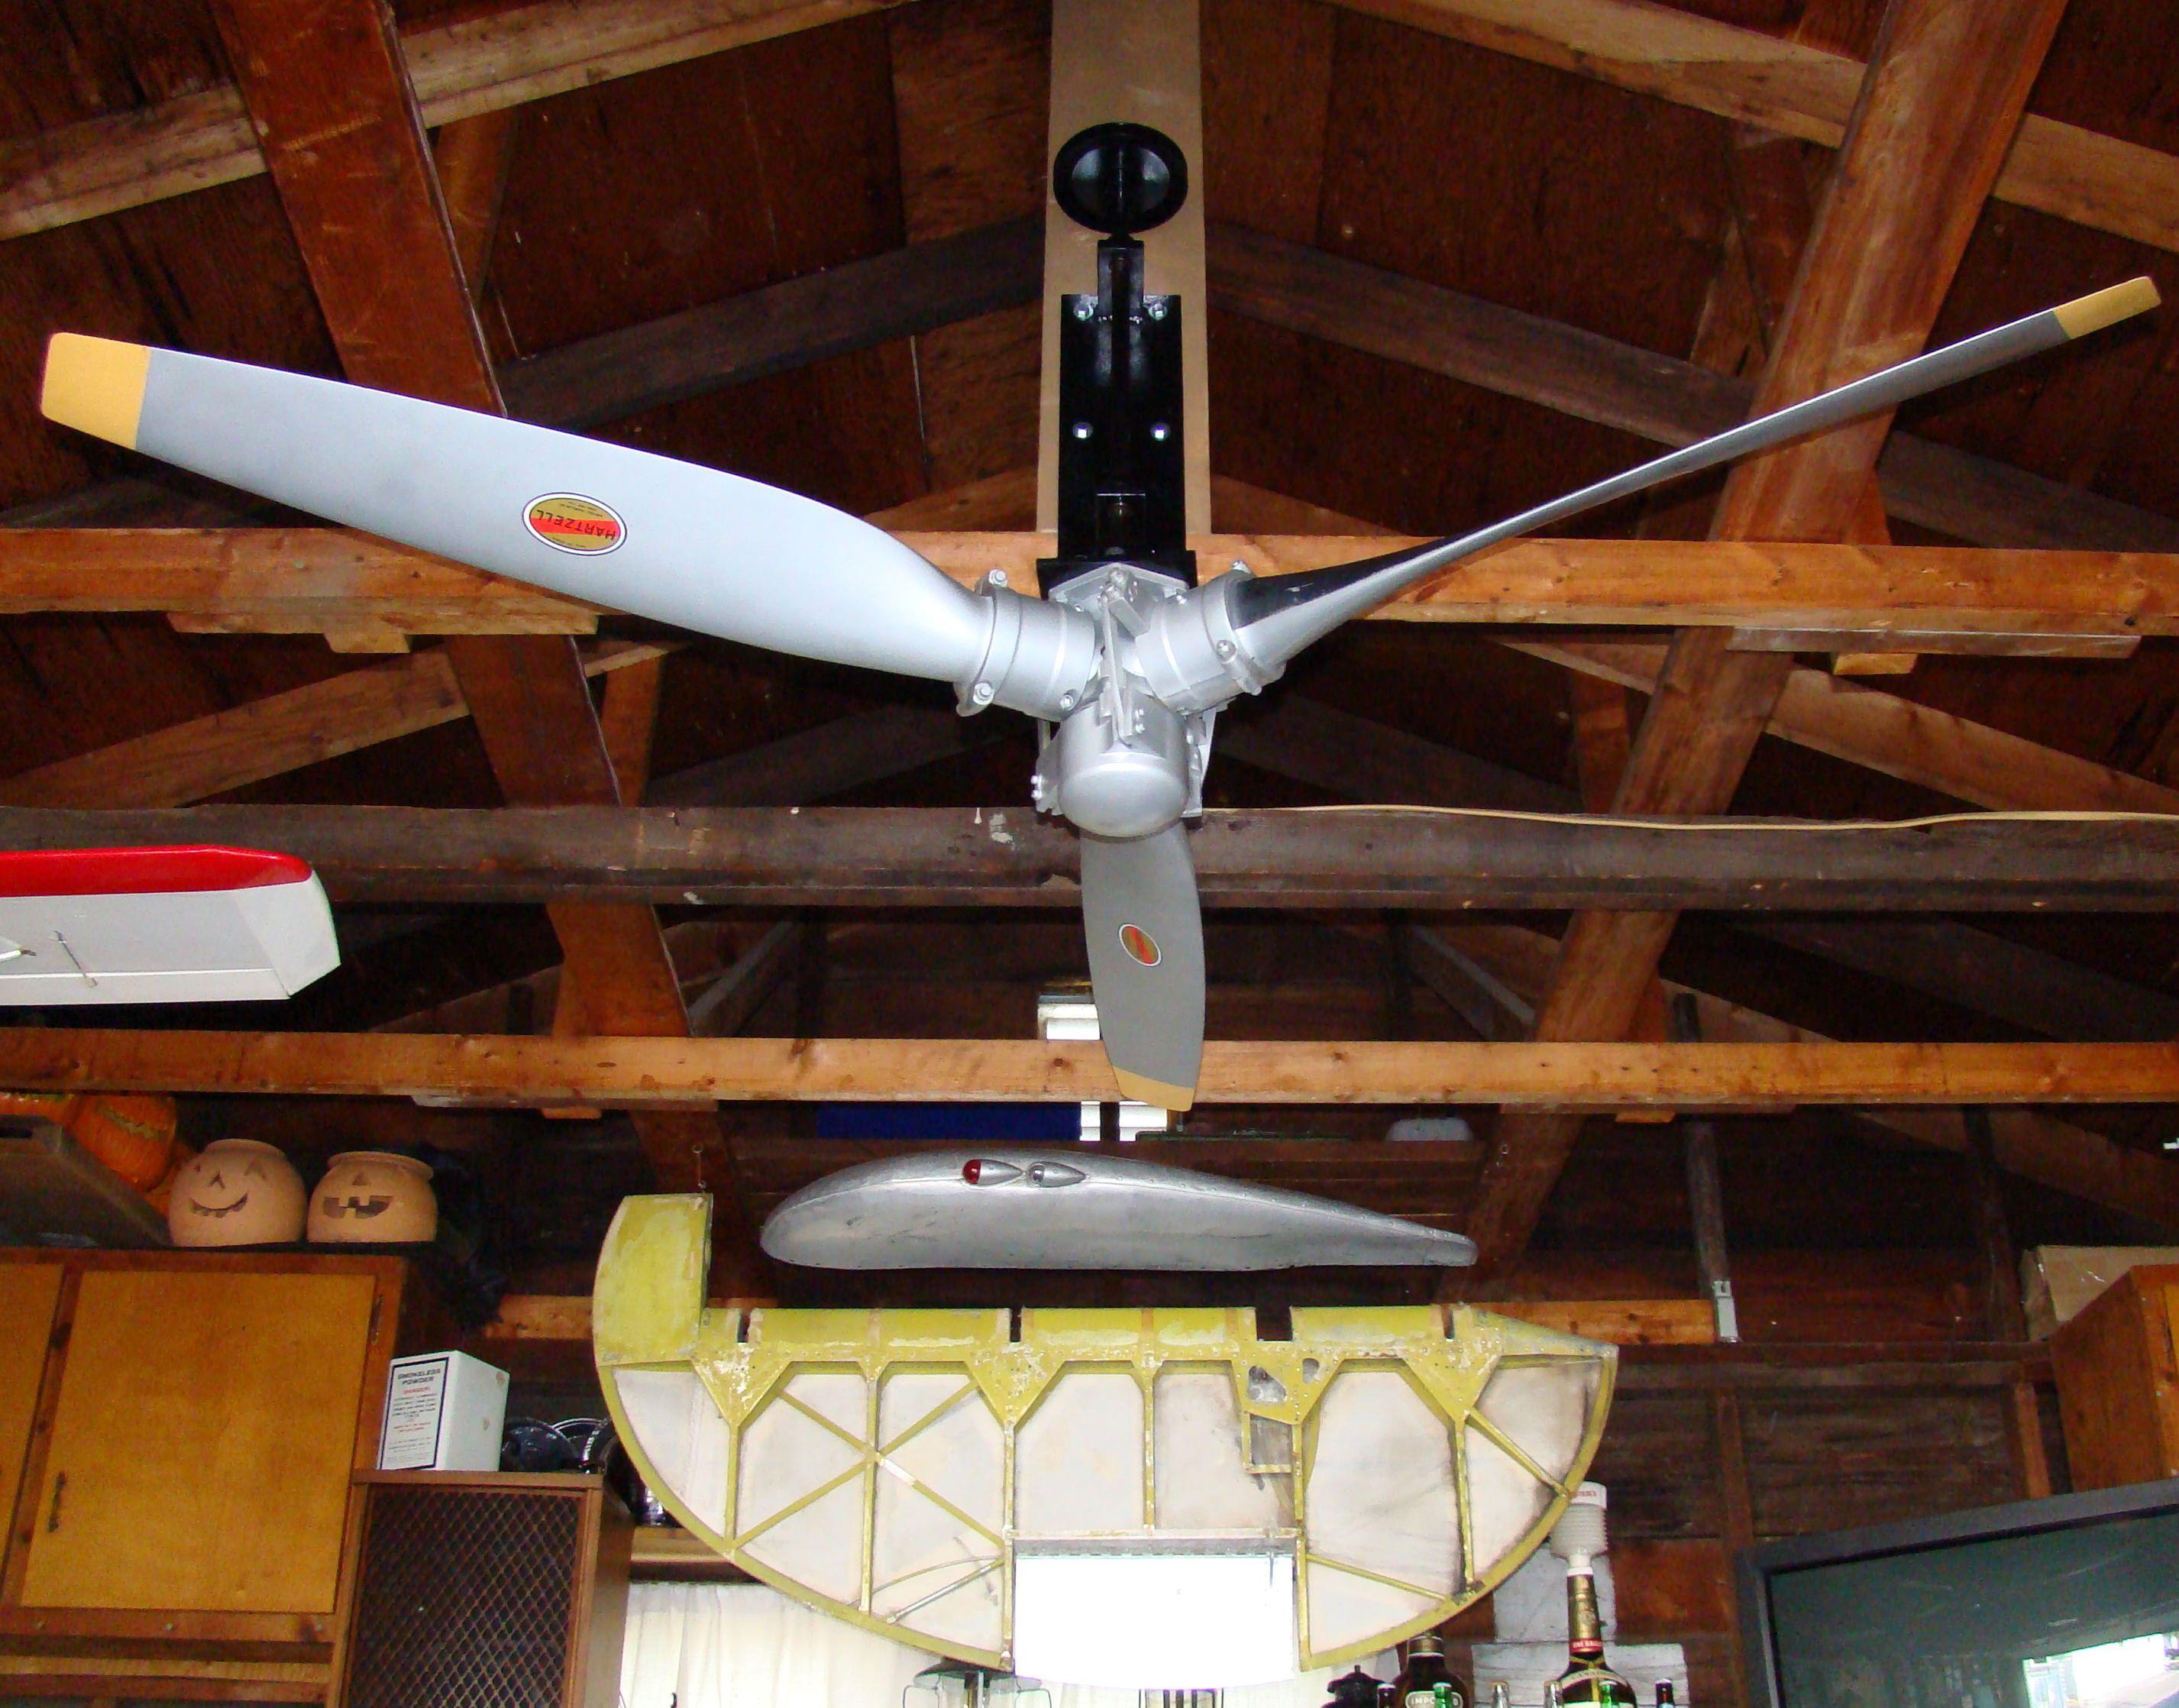 Decorative Airplane Propeller Ceiling Fan In 2020 Propeller Ceiling Fan Ceiling Fan Airplane Ceiling Fan